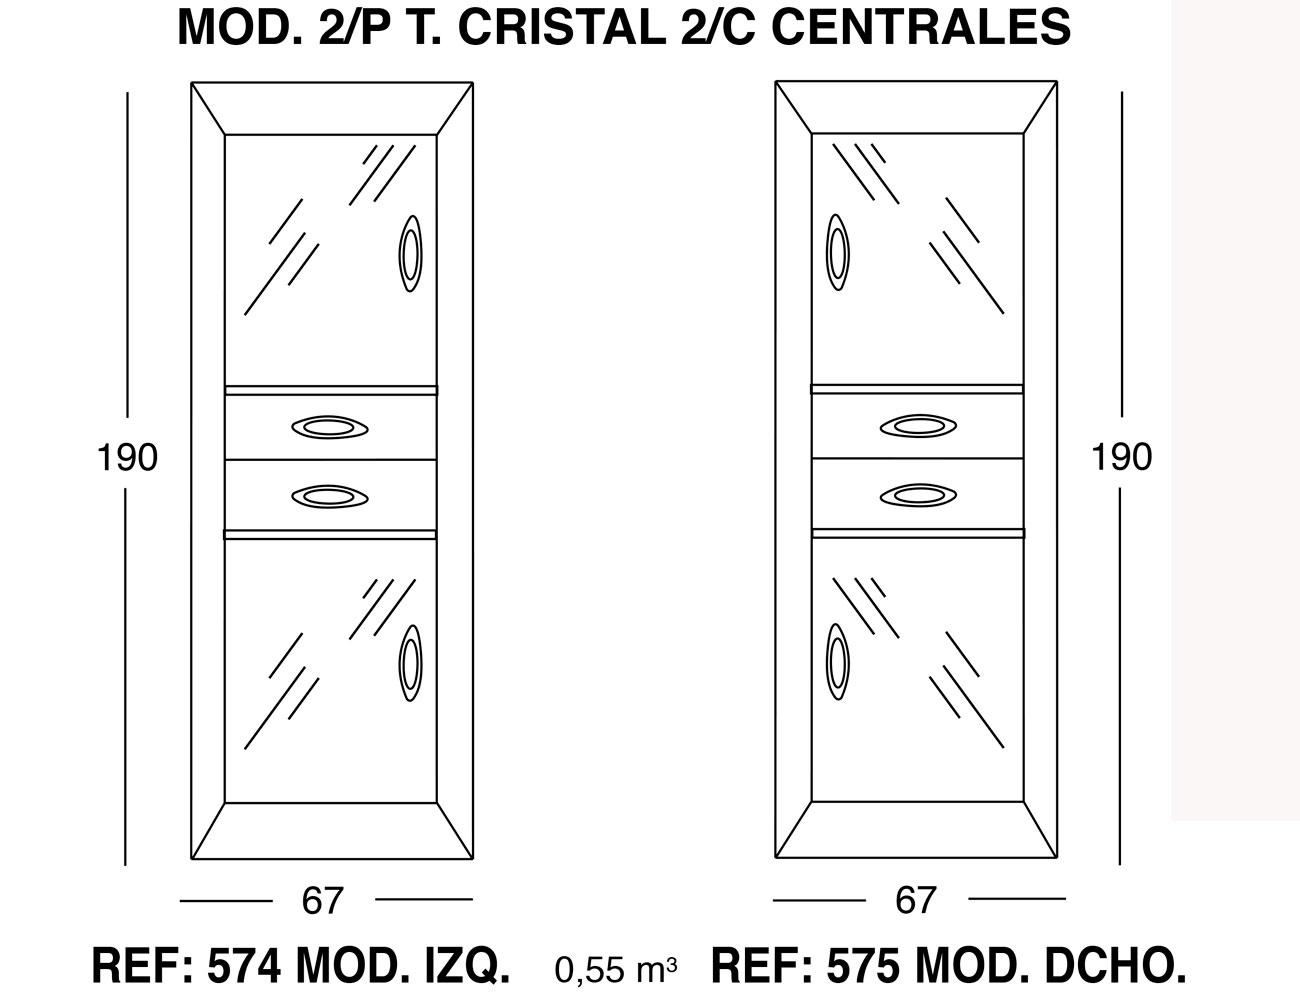 Modulo 2 puertas cristal 2 cajones centrales1